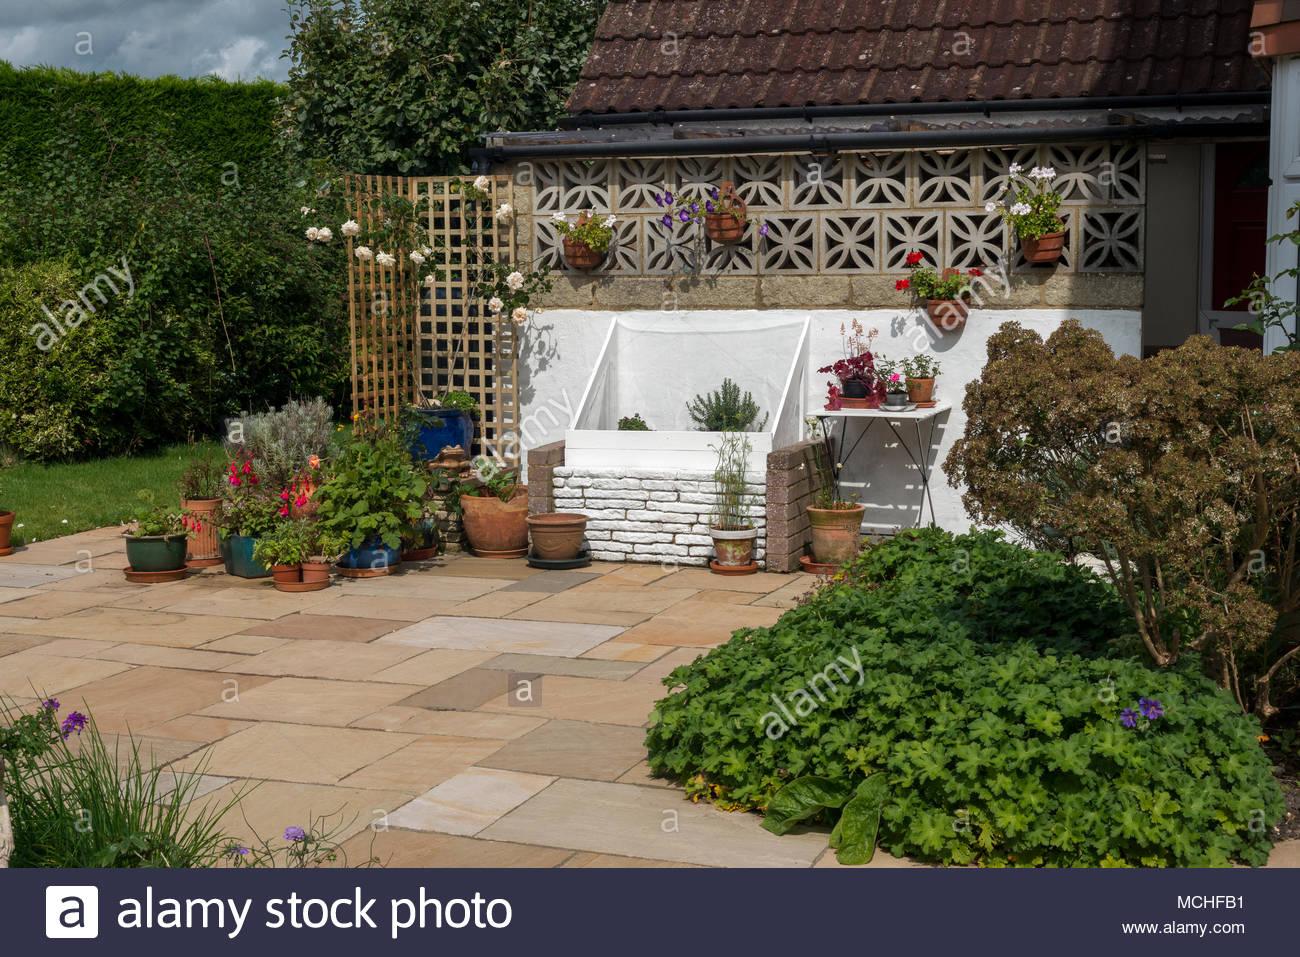 Wohn Gepflasterte Terrasse Mit Gepflanzt Grenzen Blumentopfe Und